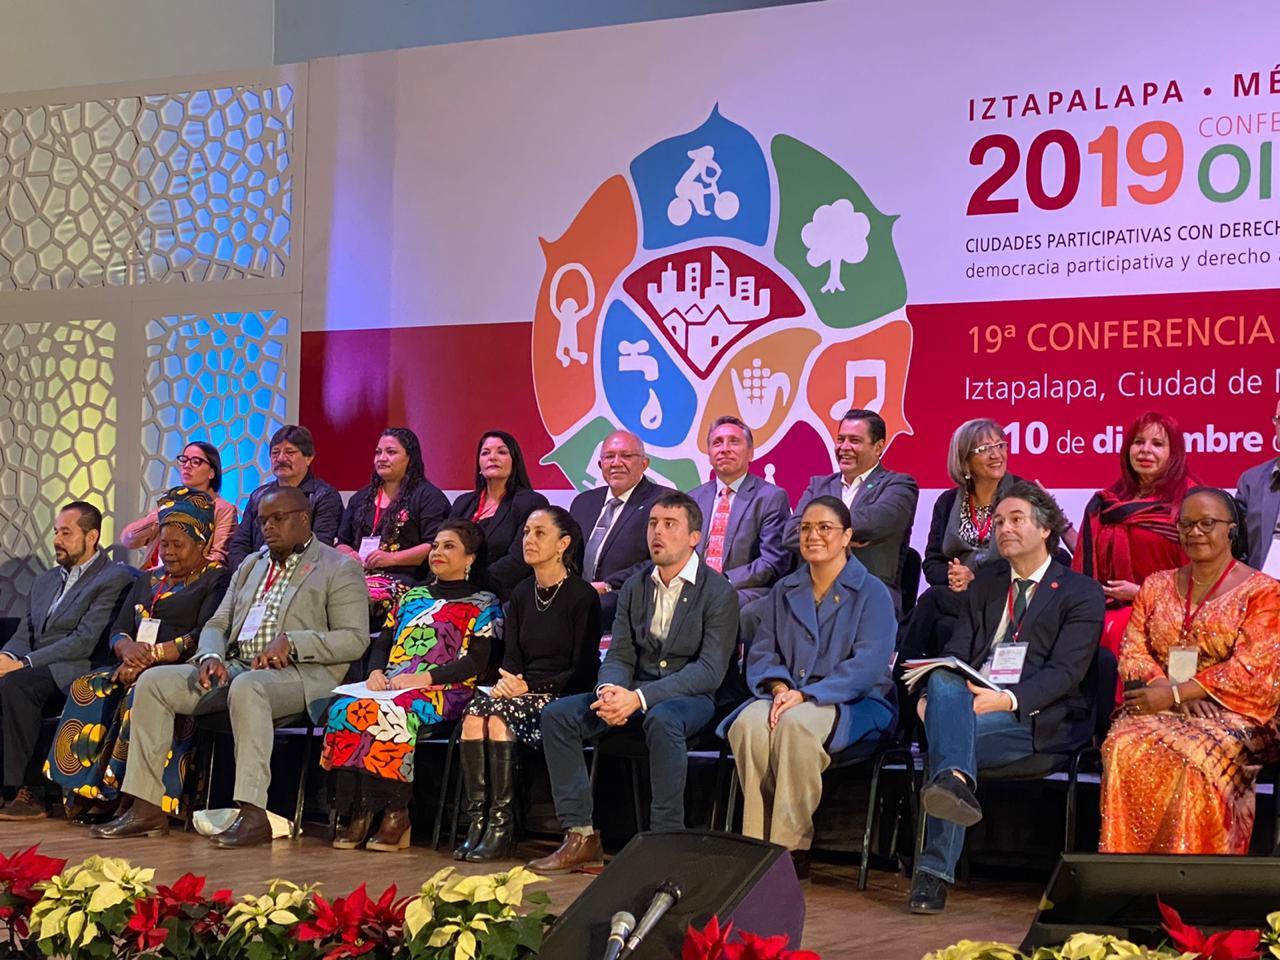 Participa el Alcalde, Químico Benítez Torres, en la 19 Conferencia OIDP, en compañía de Clara Brugada, Alcaldesa de Iztapalapa y Caludia Sheinbaum, Jefa de Gobierno de la CDMX